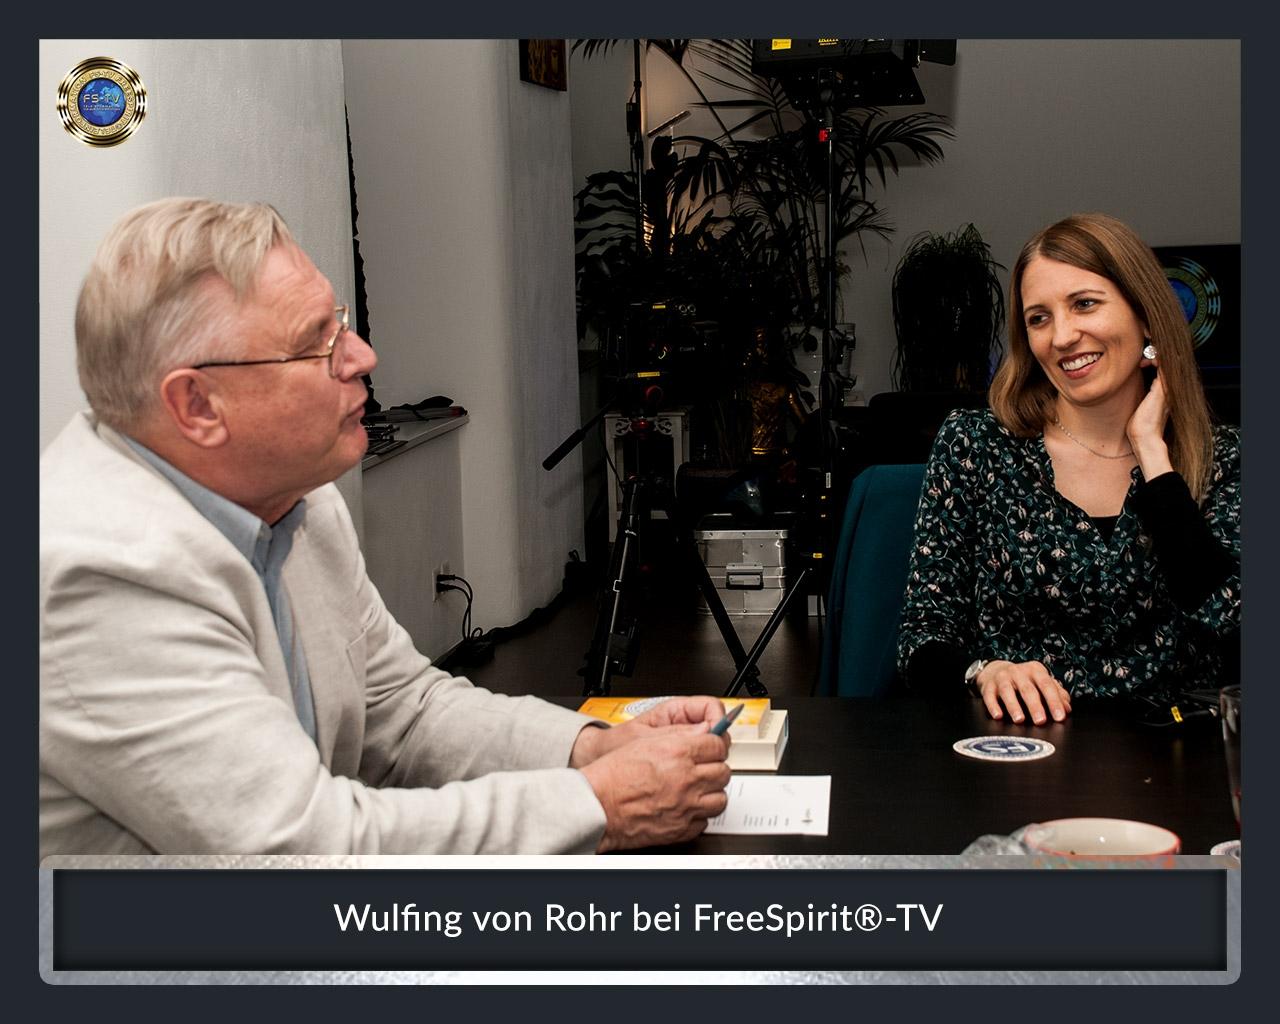 FS-TV-Bildergallerie-Wulfing-2